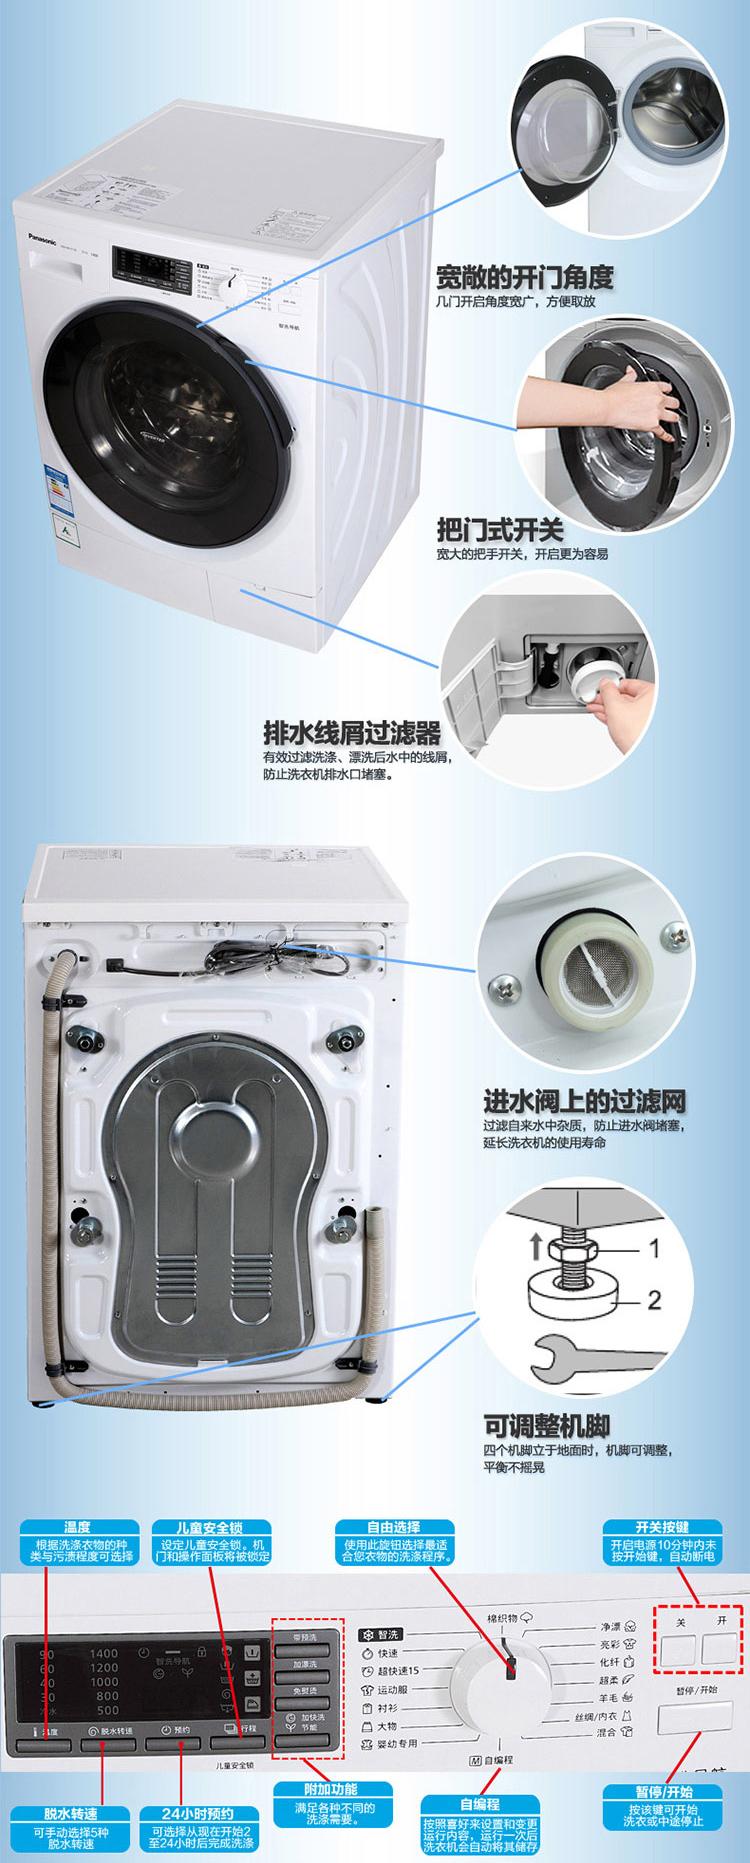 排水方式:上排水 电机类型:变频电机 内部材质:不锈钢 儿童安全锁